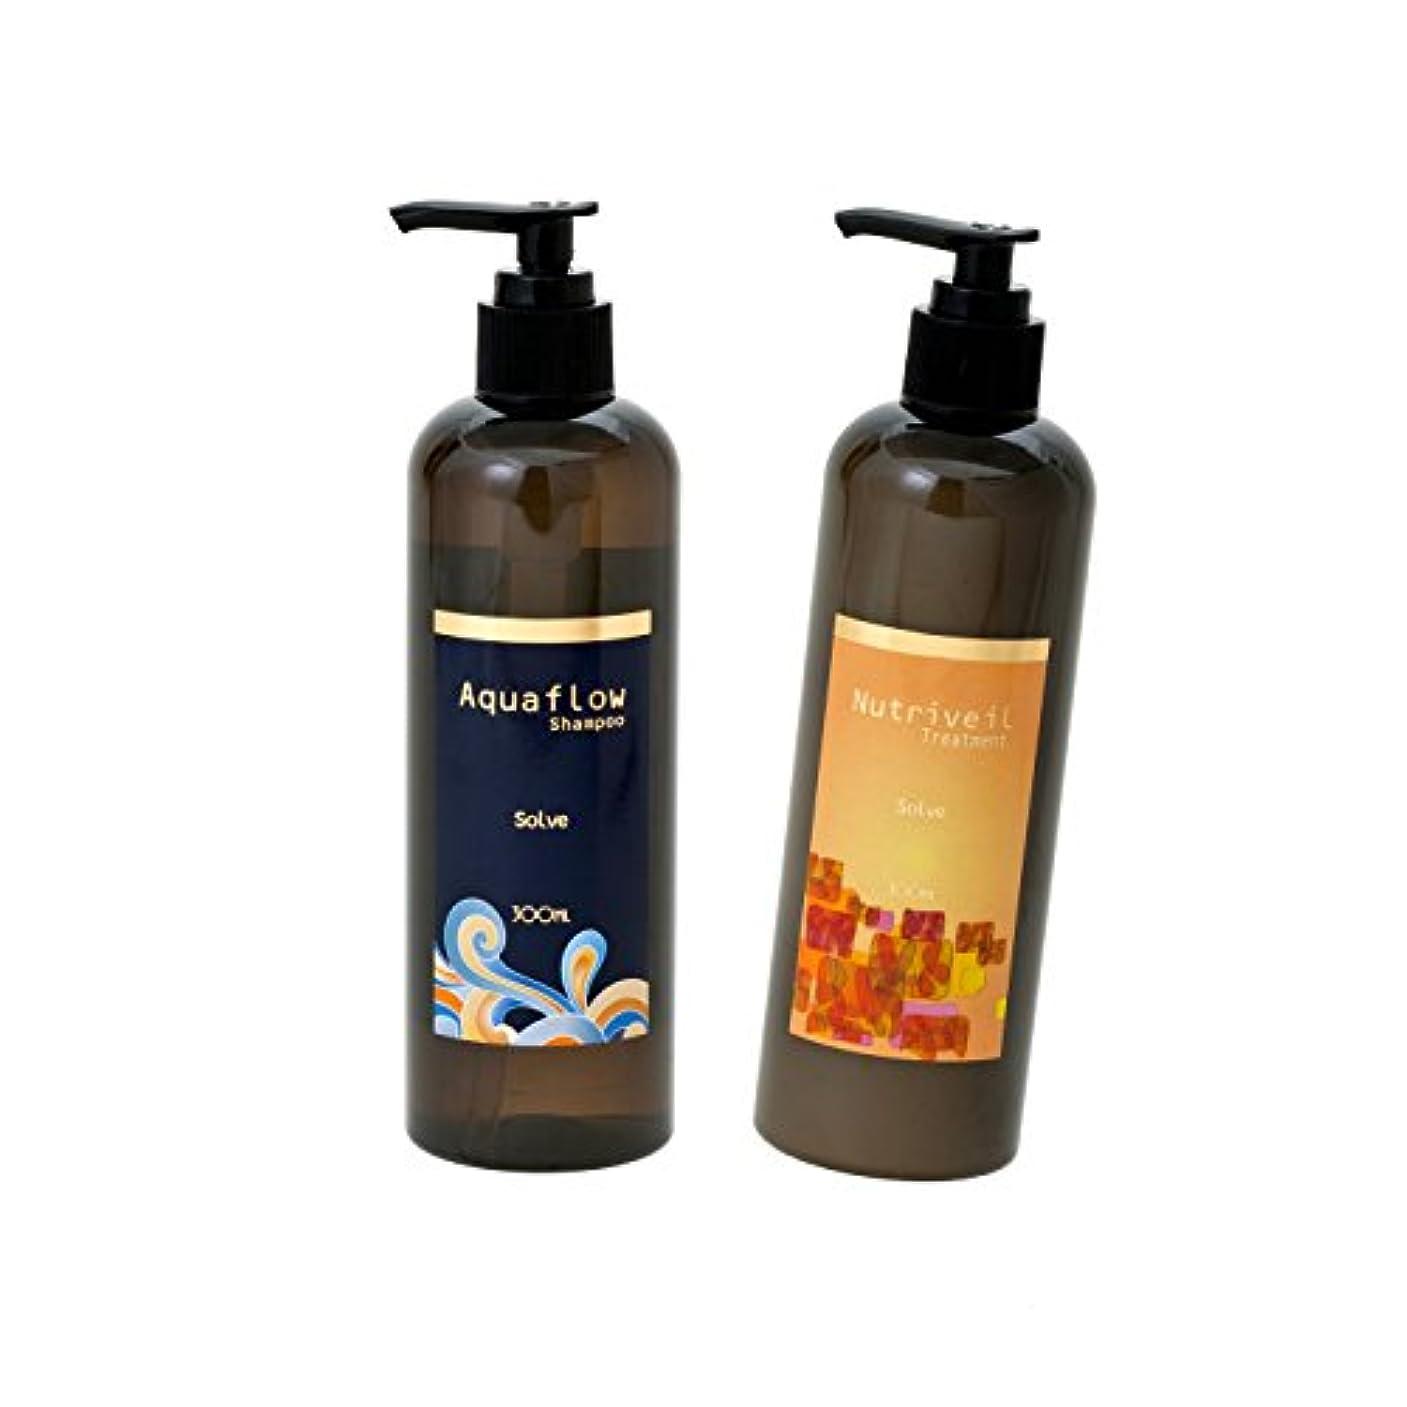 毒不要フィクション縮毛矯正した髪を栄養そのもので洗うsolve|ソルブシャンプー「Aquaflow_アクアフロー」ソルブトリートメント「Nutriveil_ニュートリヴェール」セット|カラーの繰り返しで大きくダメージした髪のケアにも。 (...